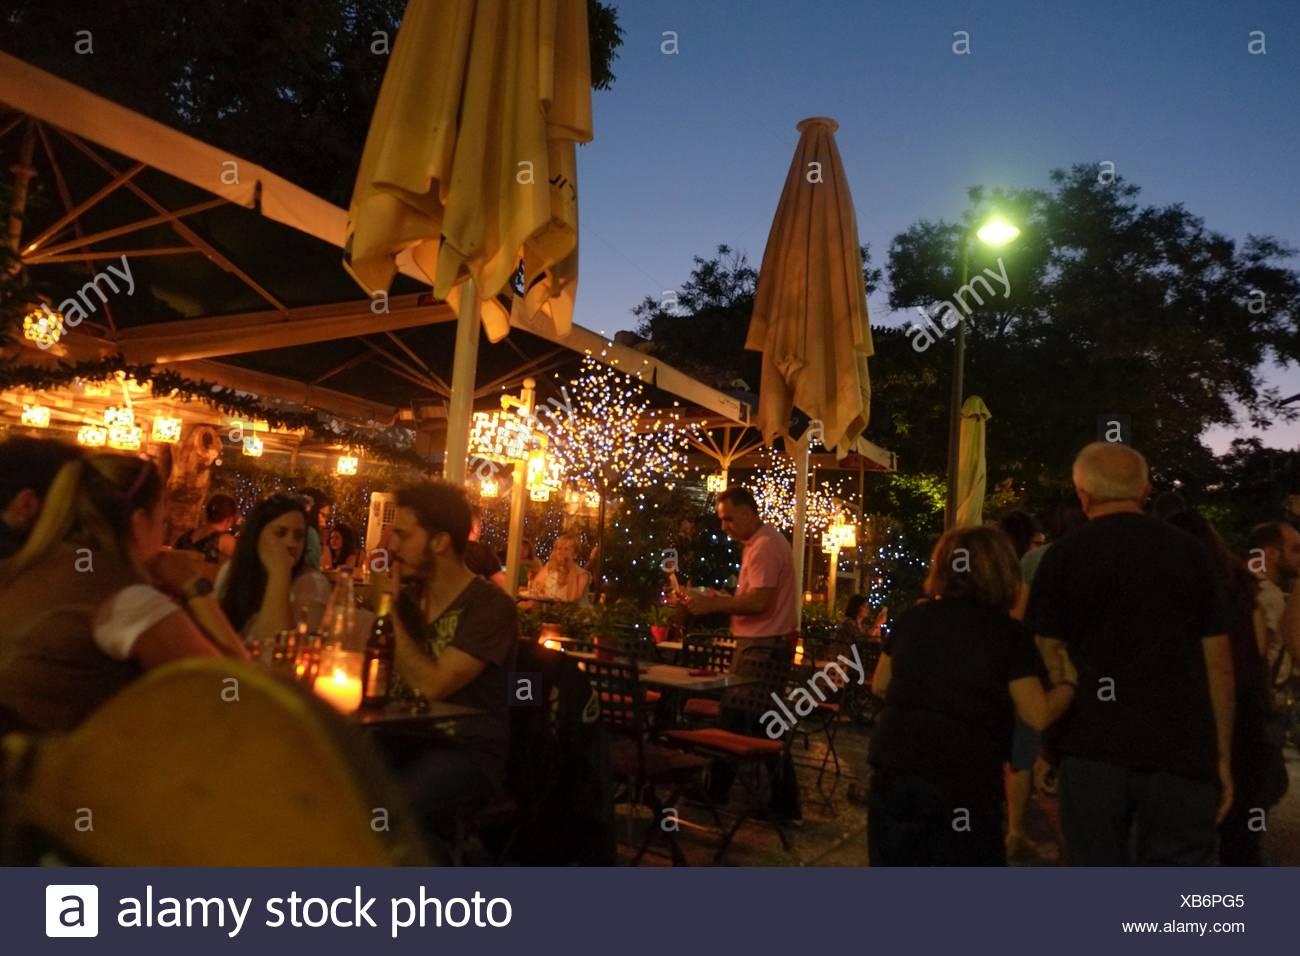 Restaurante Terraza Nocturna Atenas Grecia Foto Imagen